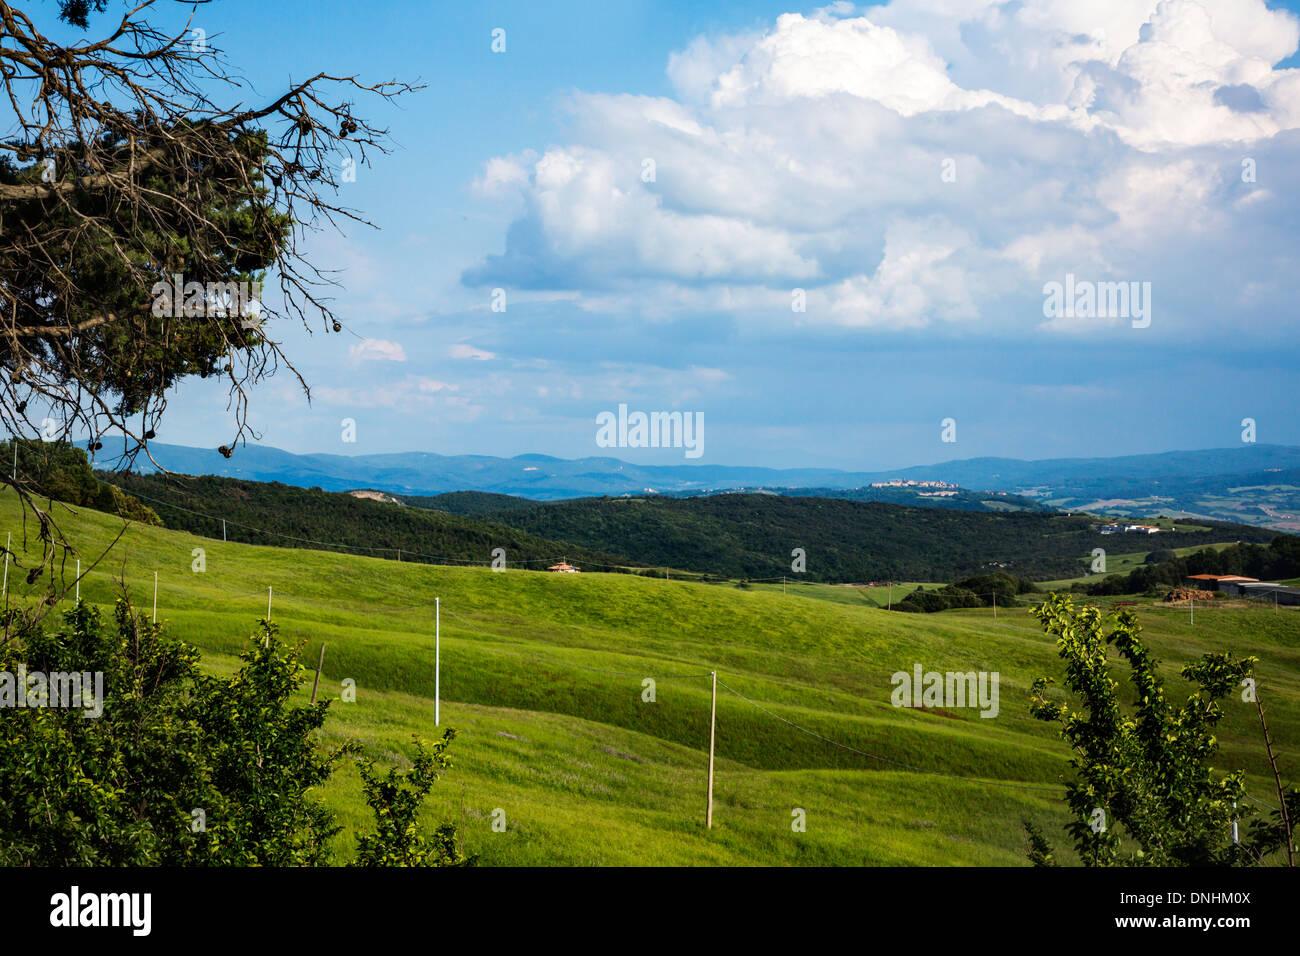 Paysage, Volterra, Province de Pise, Toscane, Italie Banque D'Images